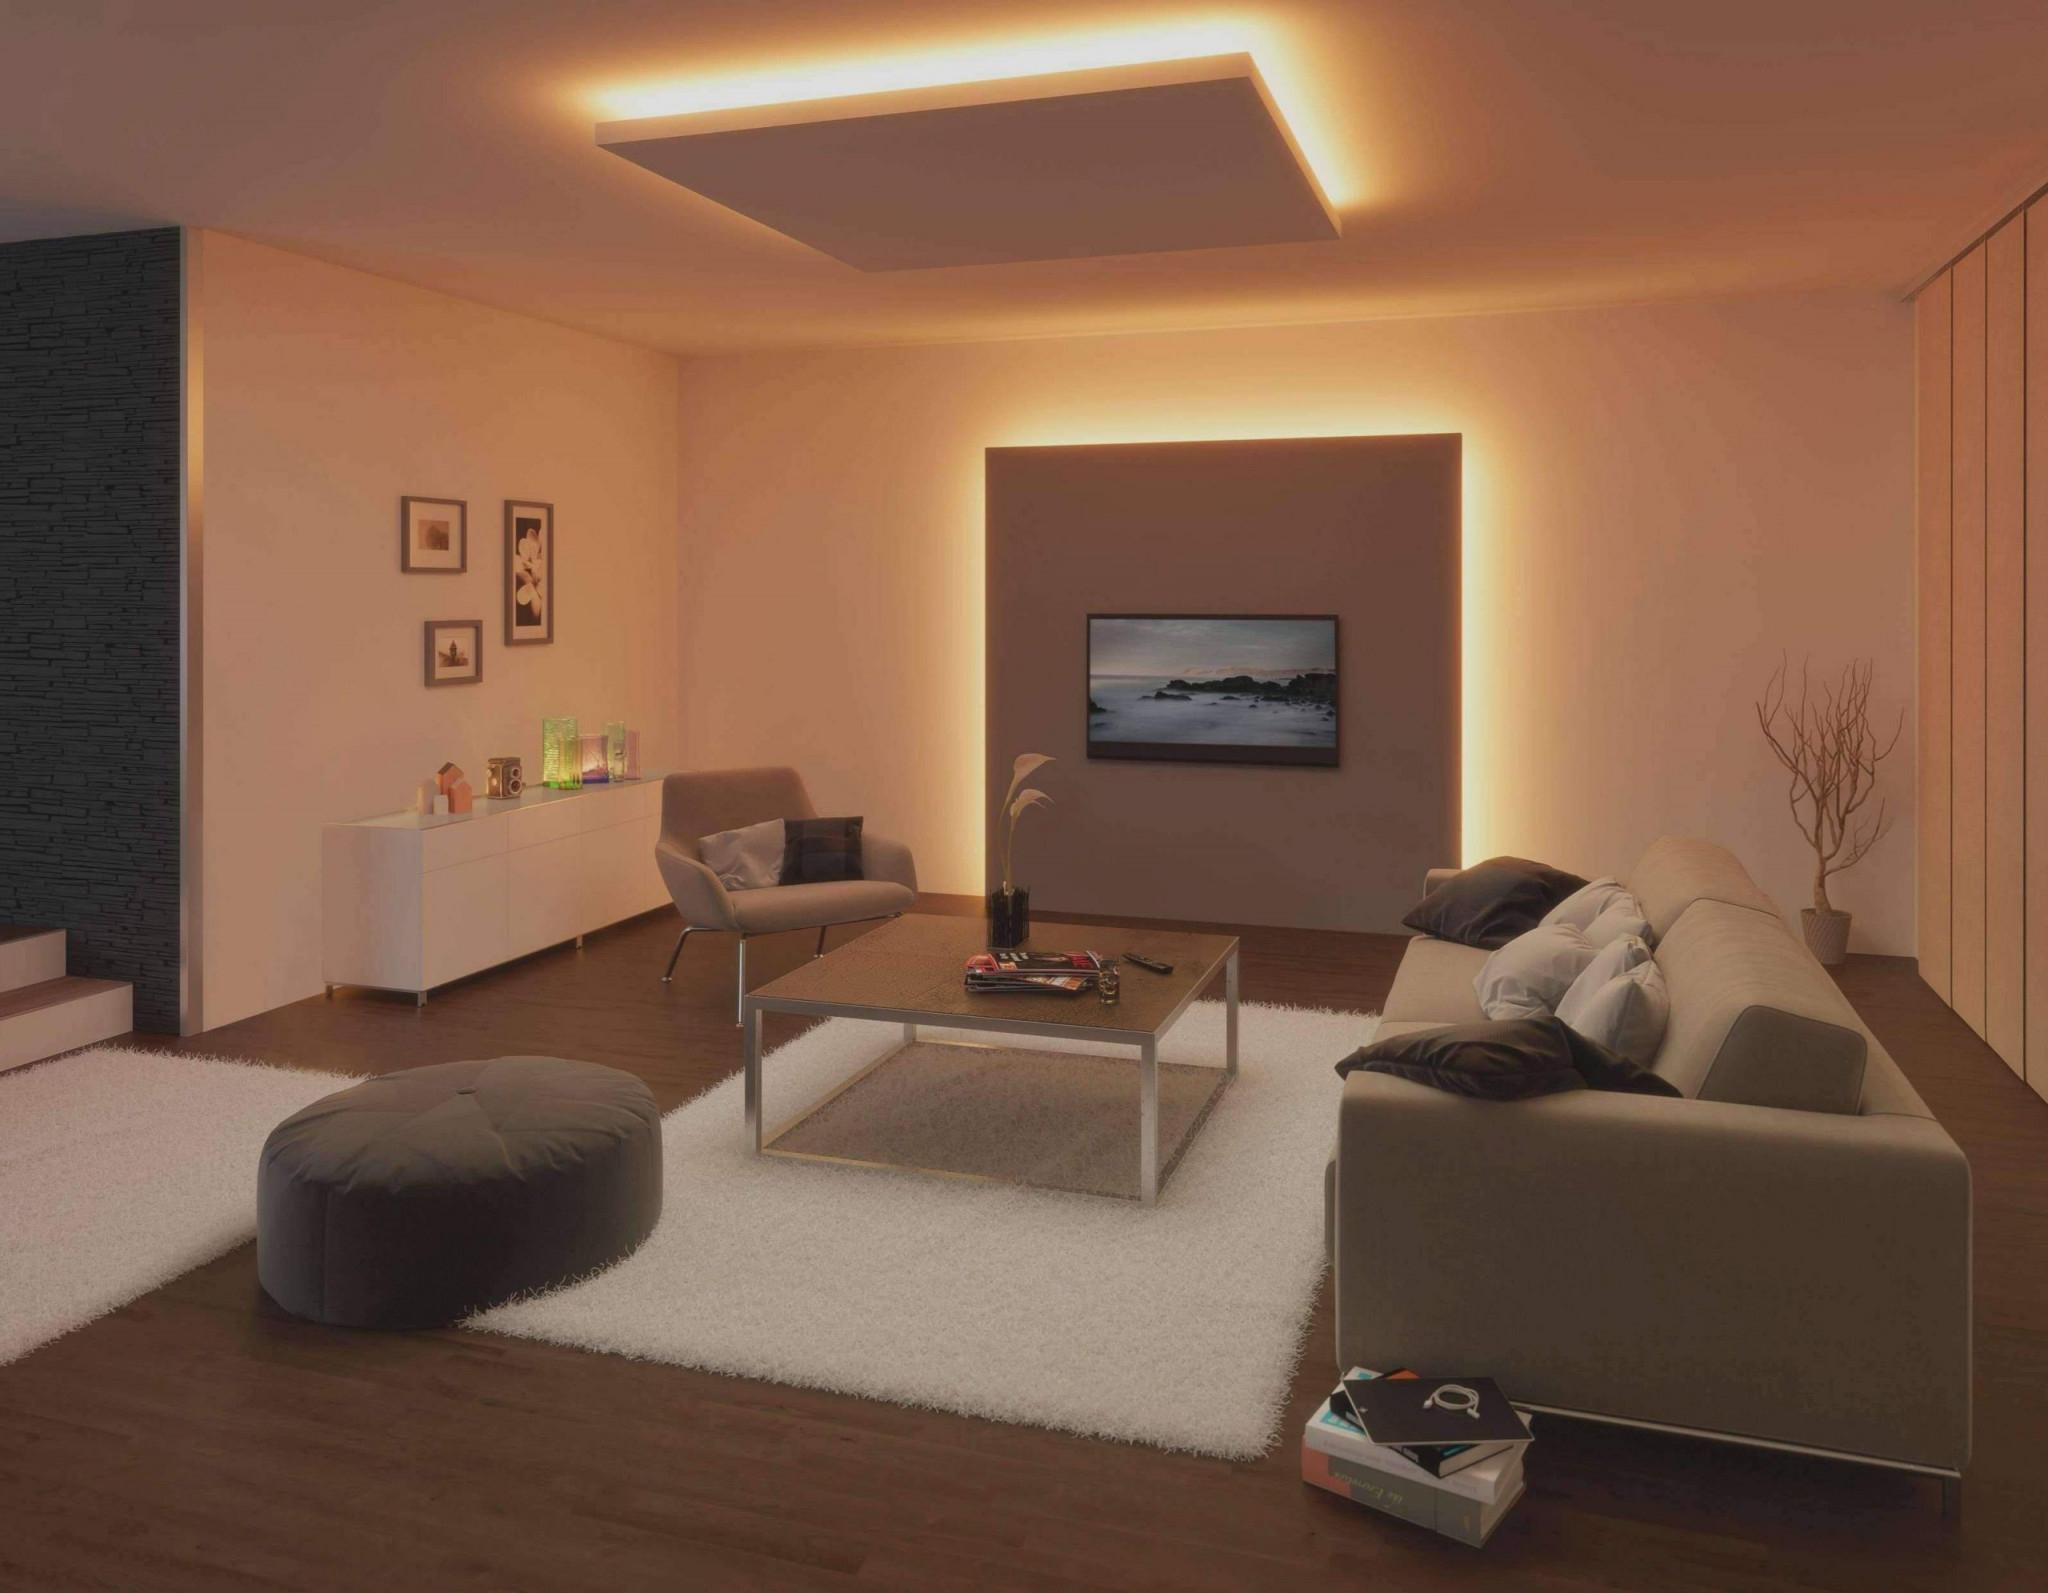 39 Das Beste Von Hängeleuchte Wohnzimmer Frisch  Wohnzimmer von Holz Lampe Wohnzimmer Bild